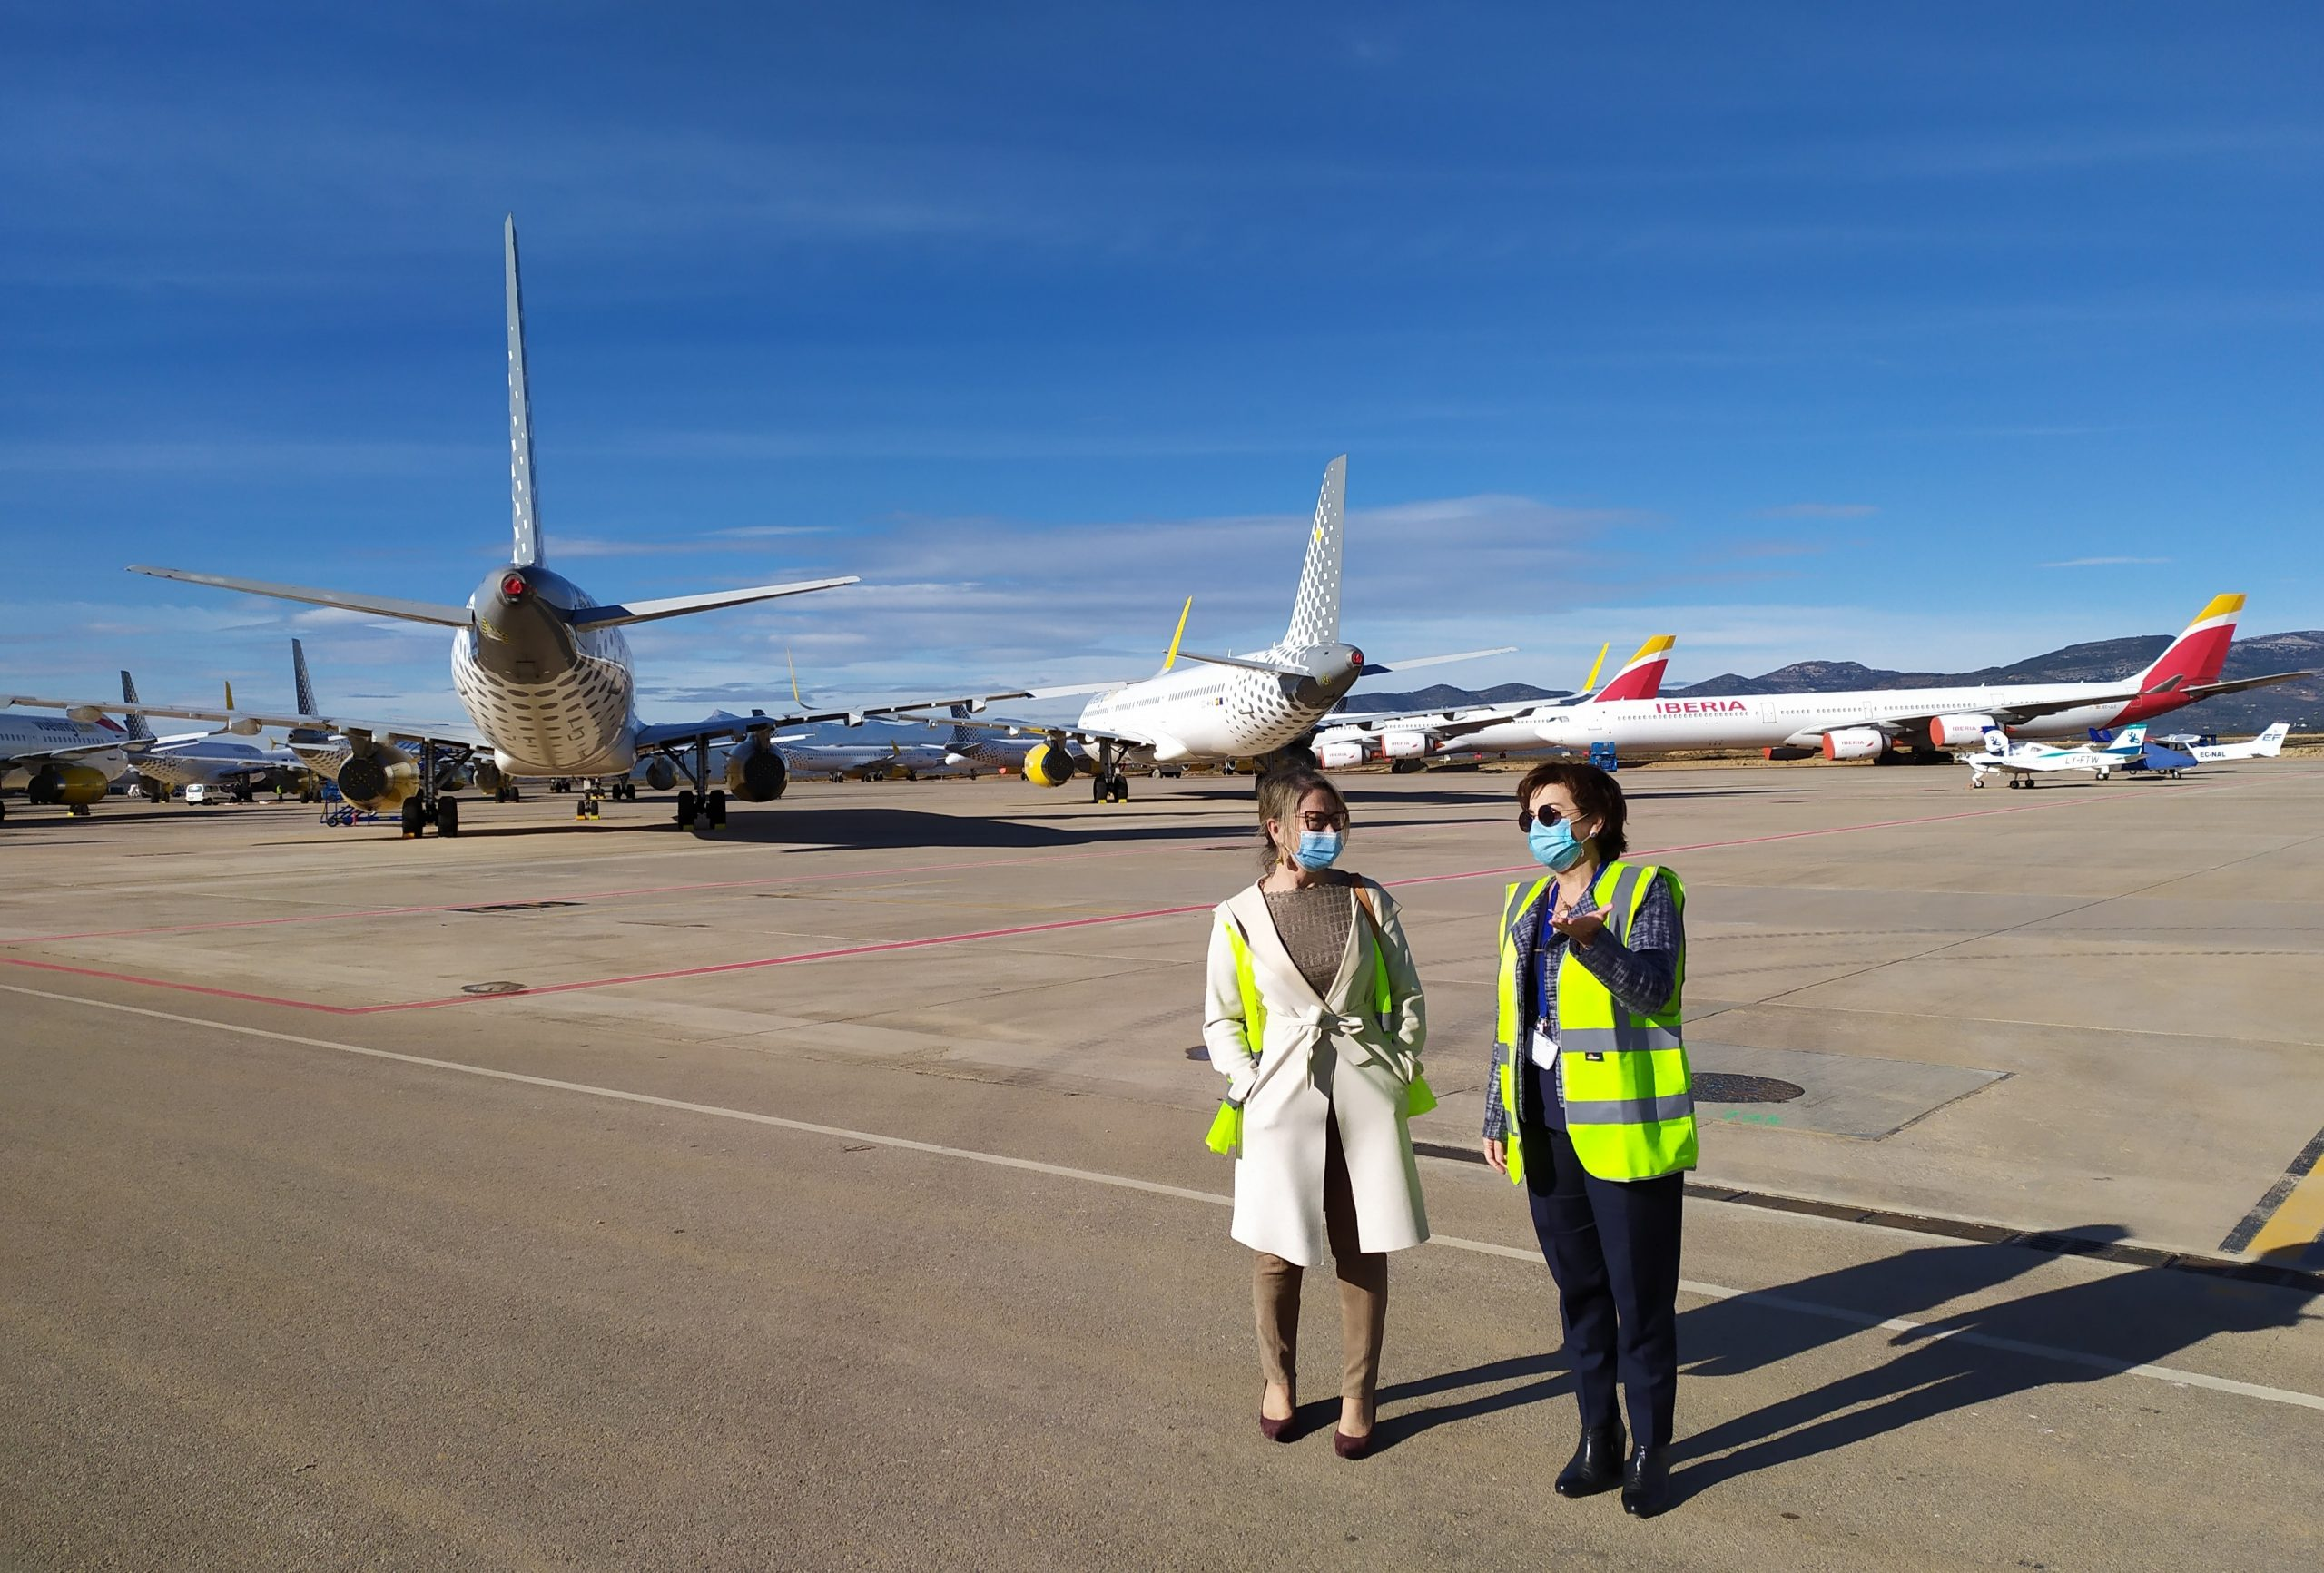 El aeropuerto de Castellón se alinea con Europa en materia de digitalización, transición ecológica y resiliencia